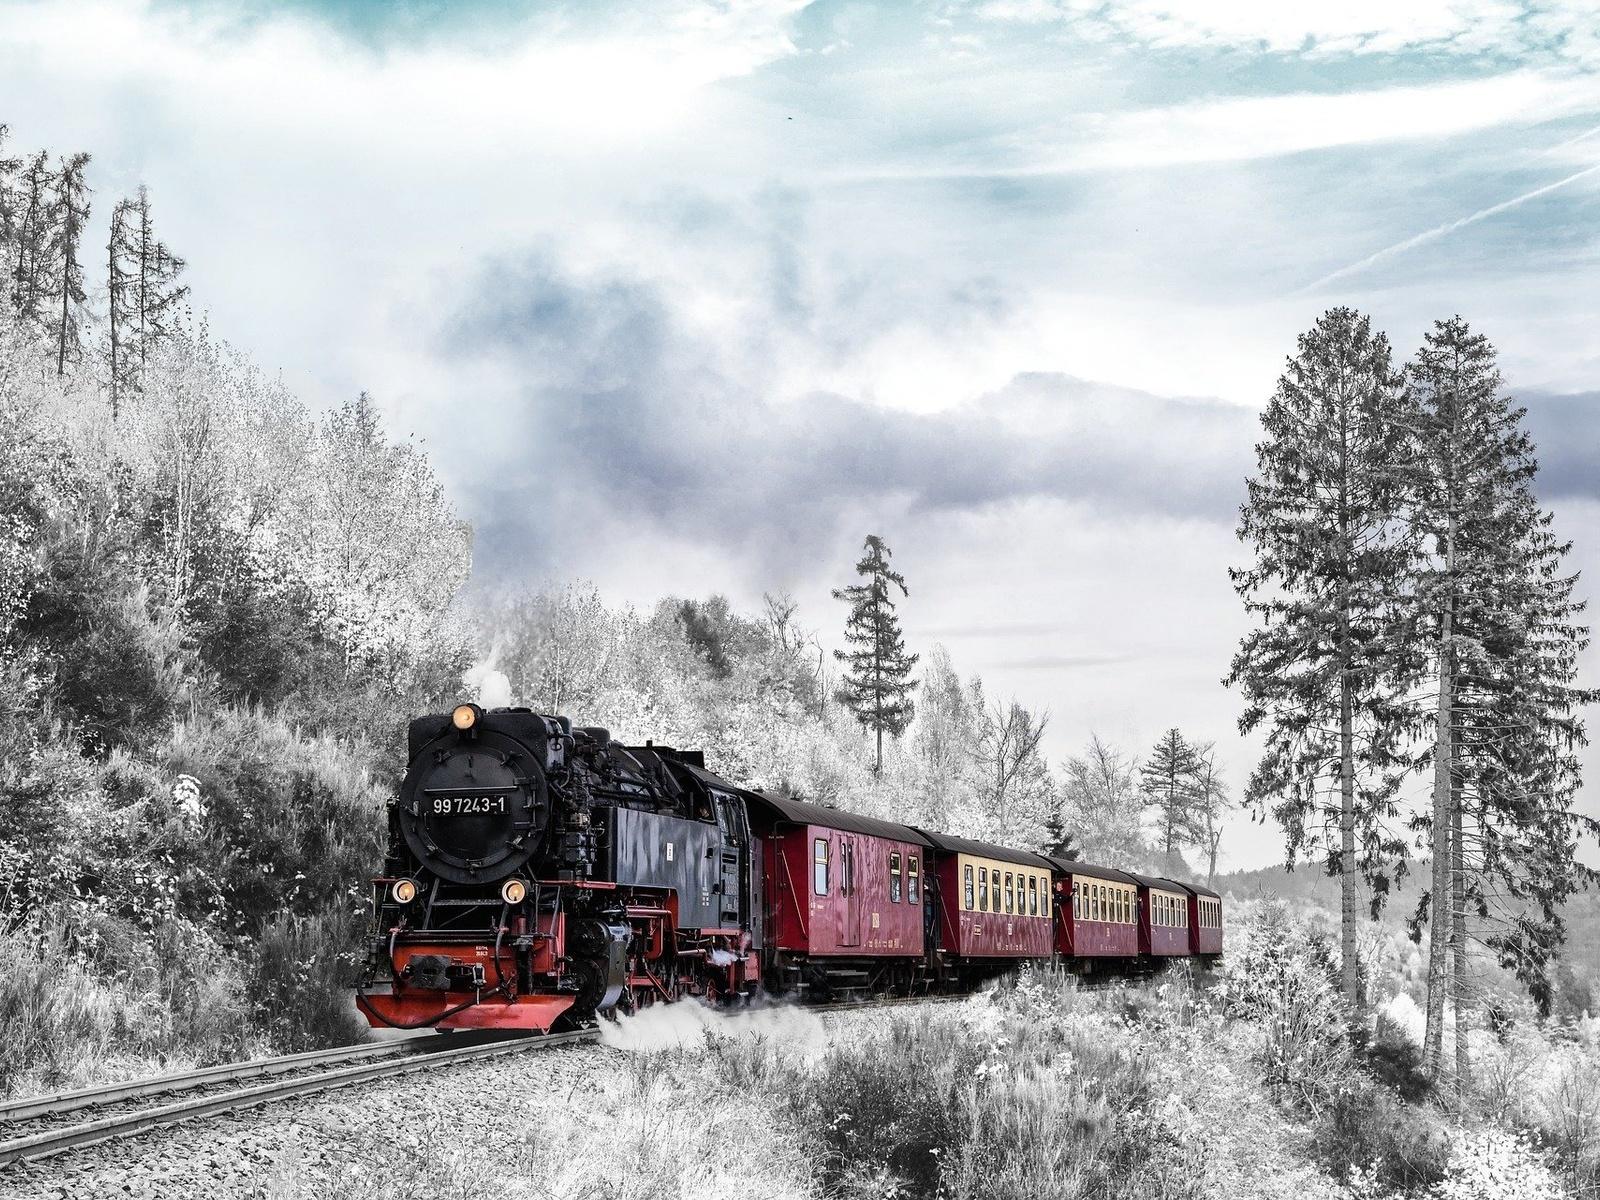 поезд, жд, паровоз, состав, зима